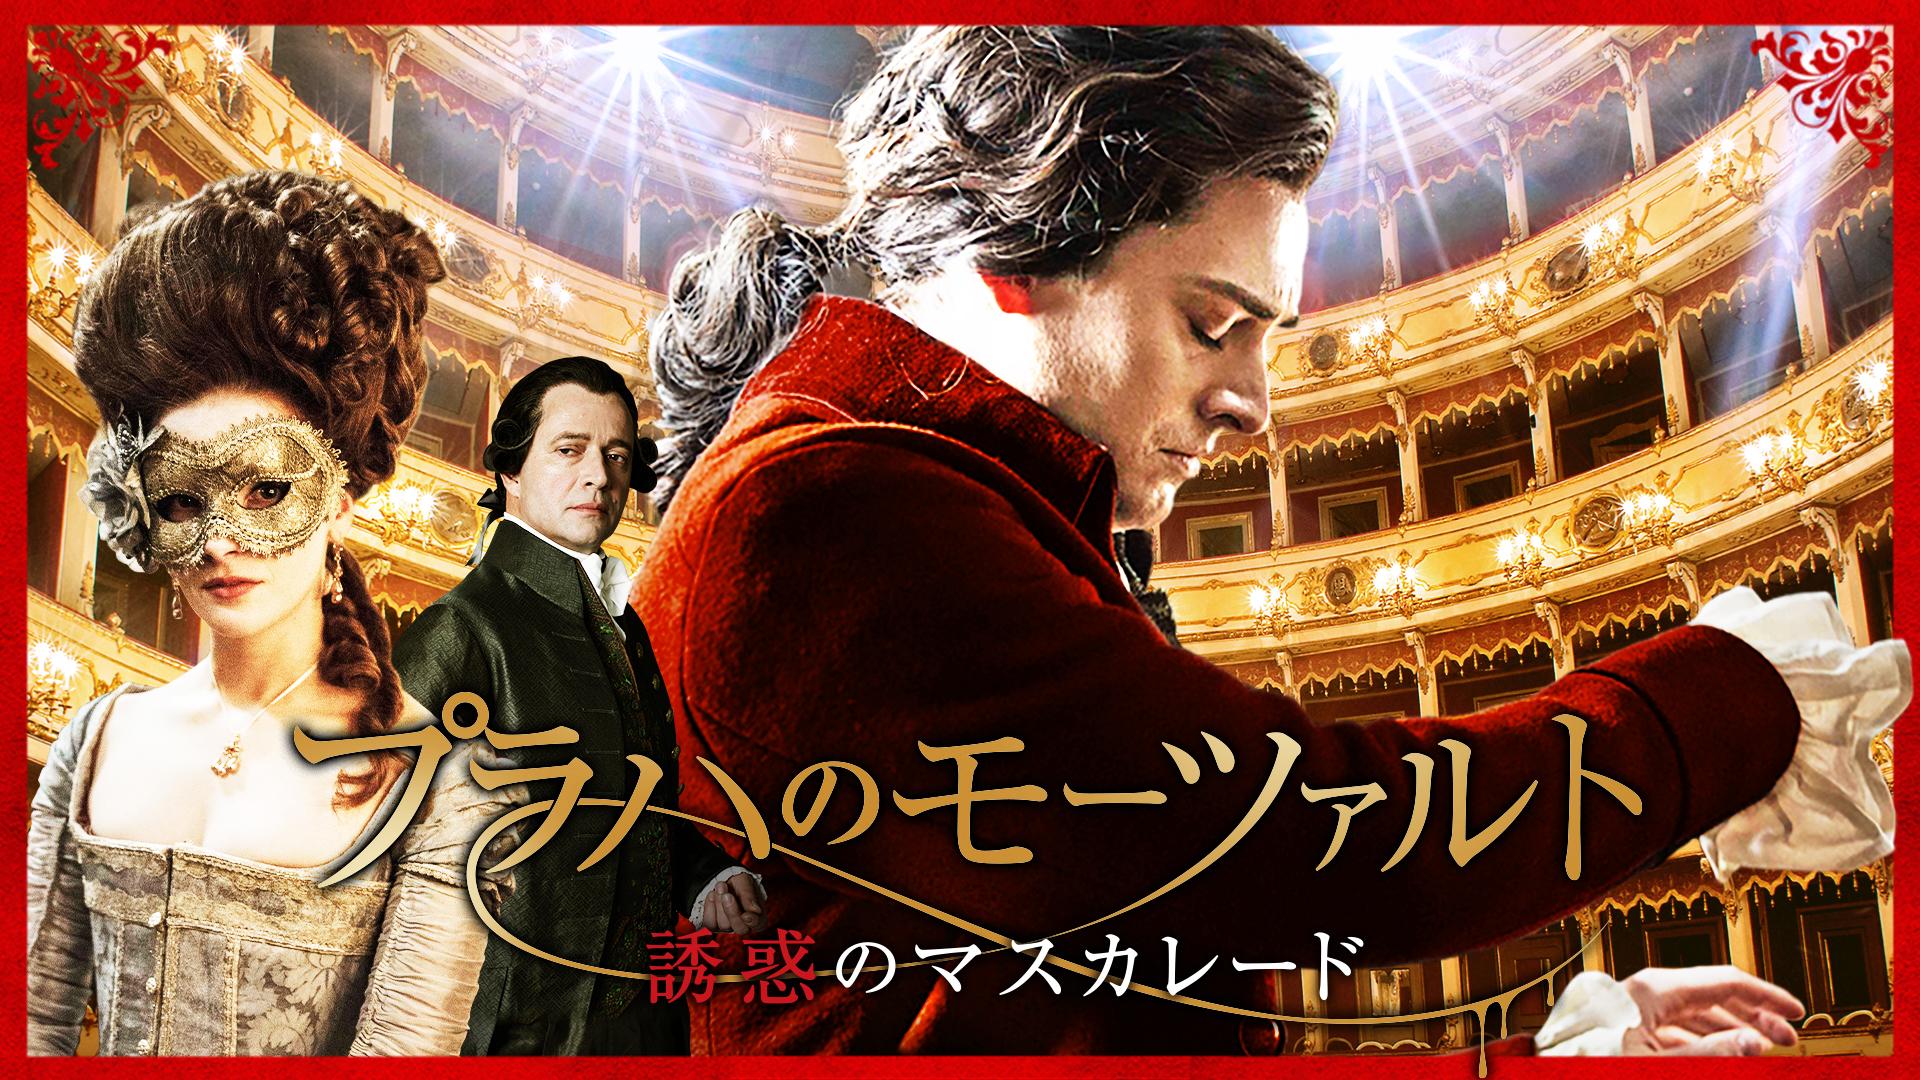 プラハのモーツァルト 誘惑のマスカレード(字幕版)